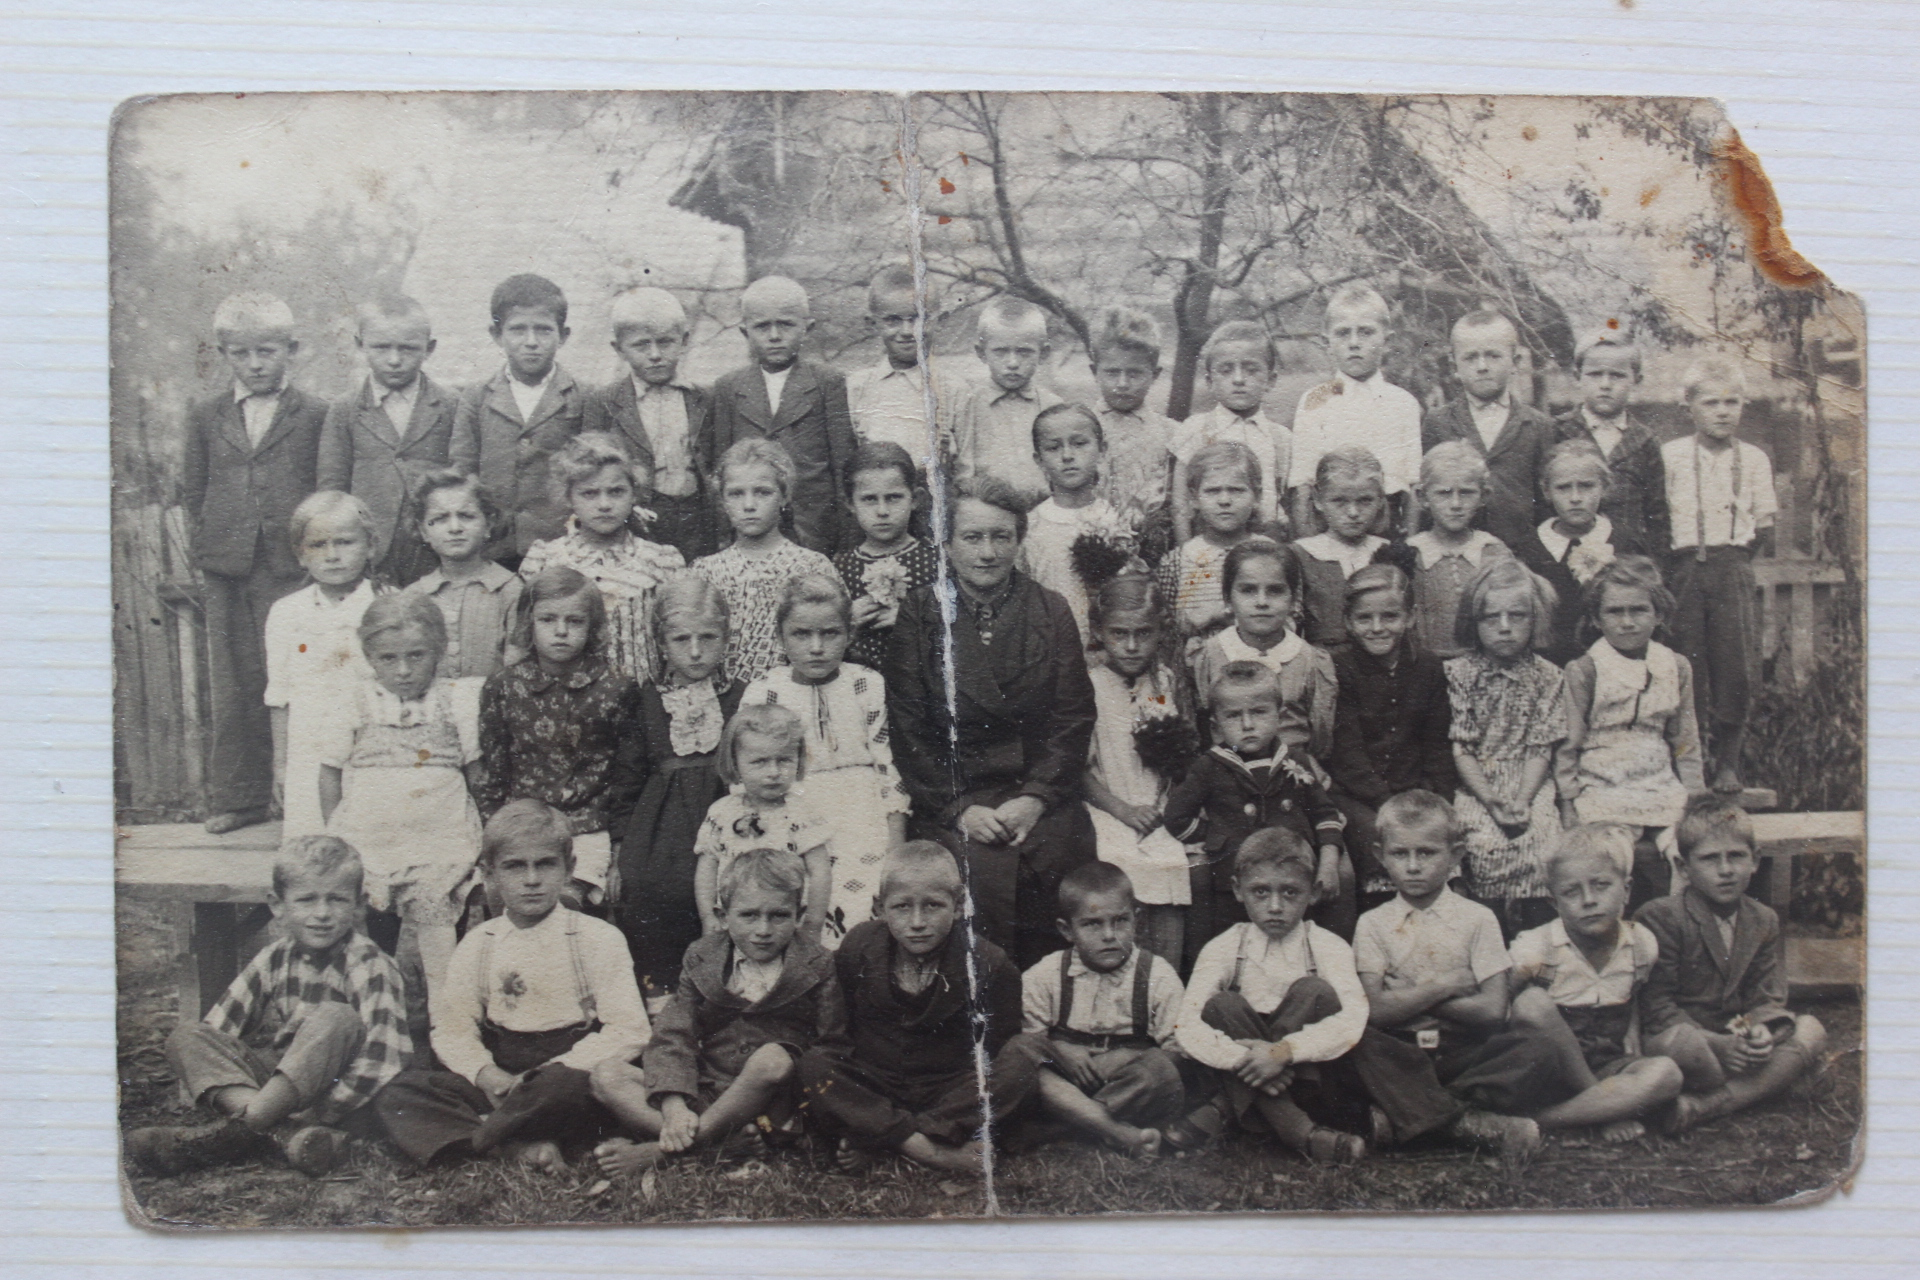 Stara škola u Kučama, klasa '41 učiteljice Marije Hajek